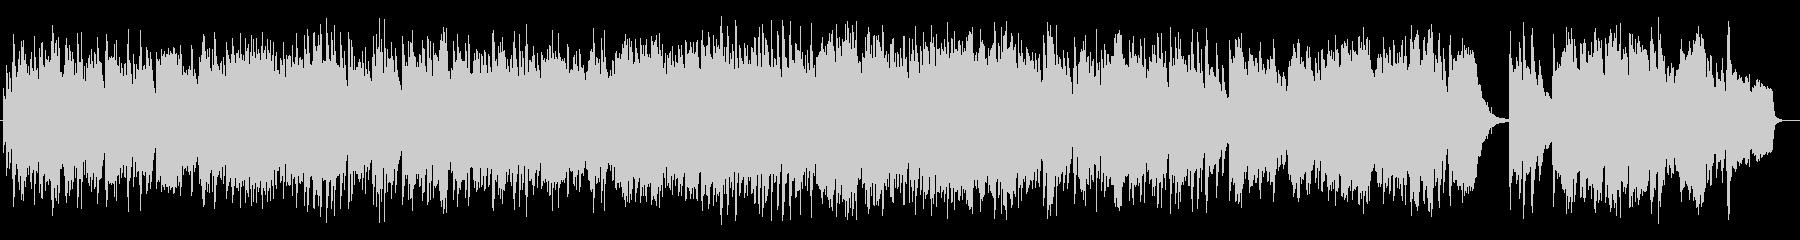 ピアノソロバラードの未再生の波形